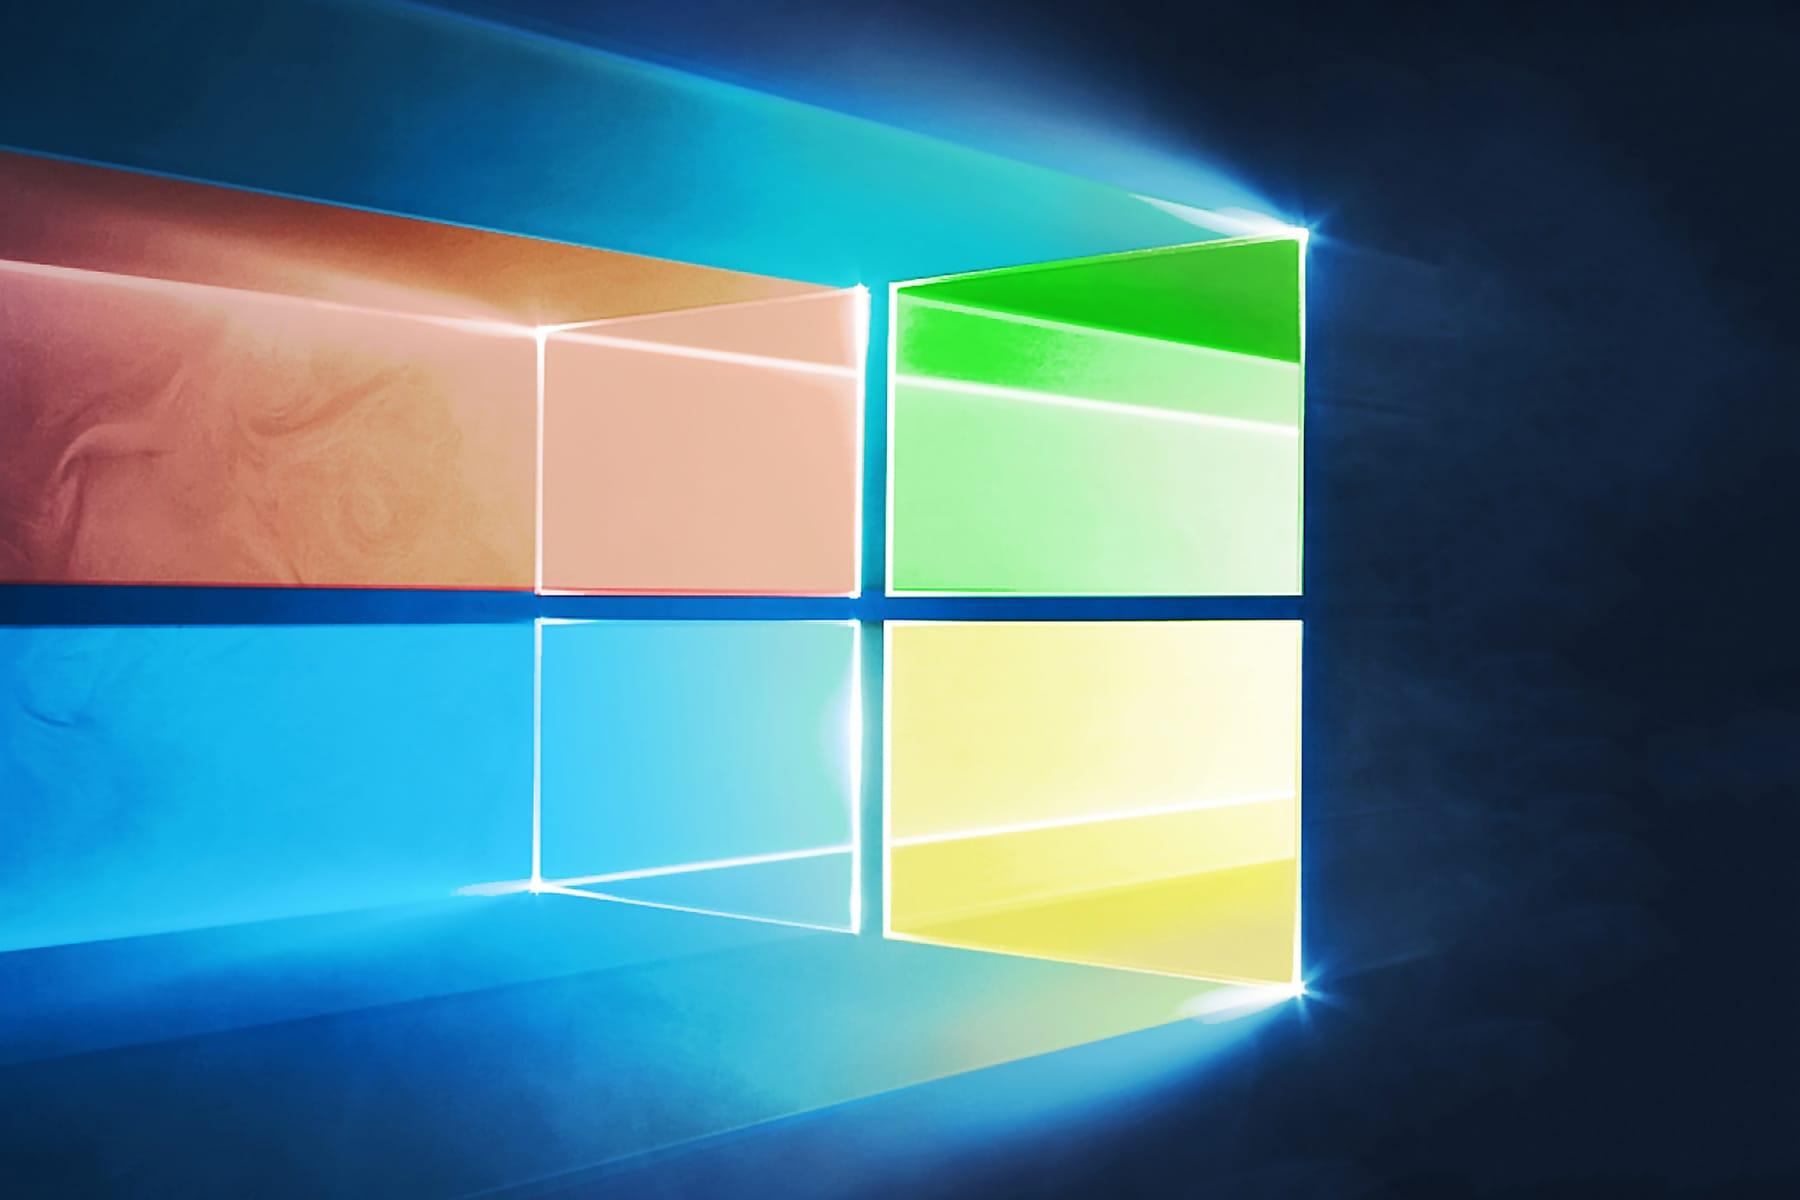 0 Во всех версиях Windows есть скрытая функция о которой никто не знал в течение 20 лет